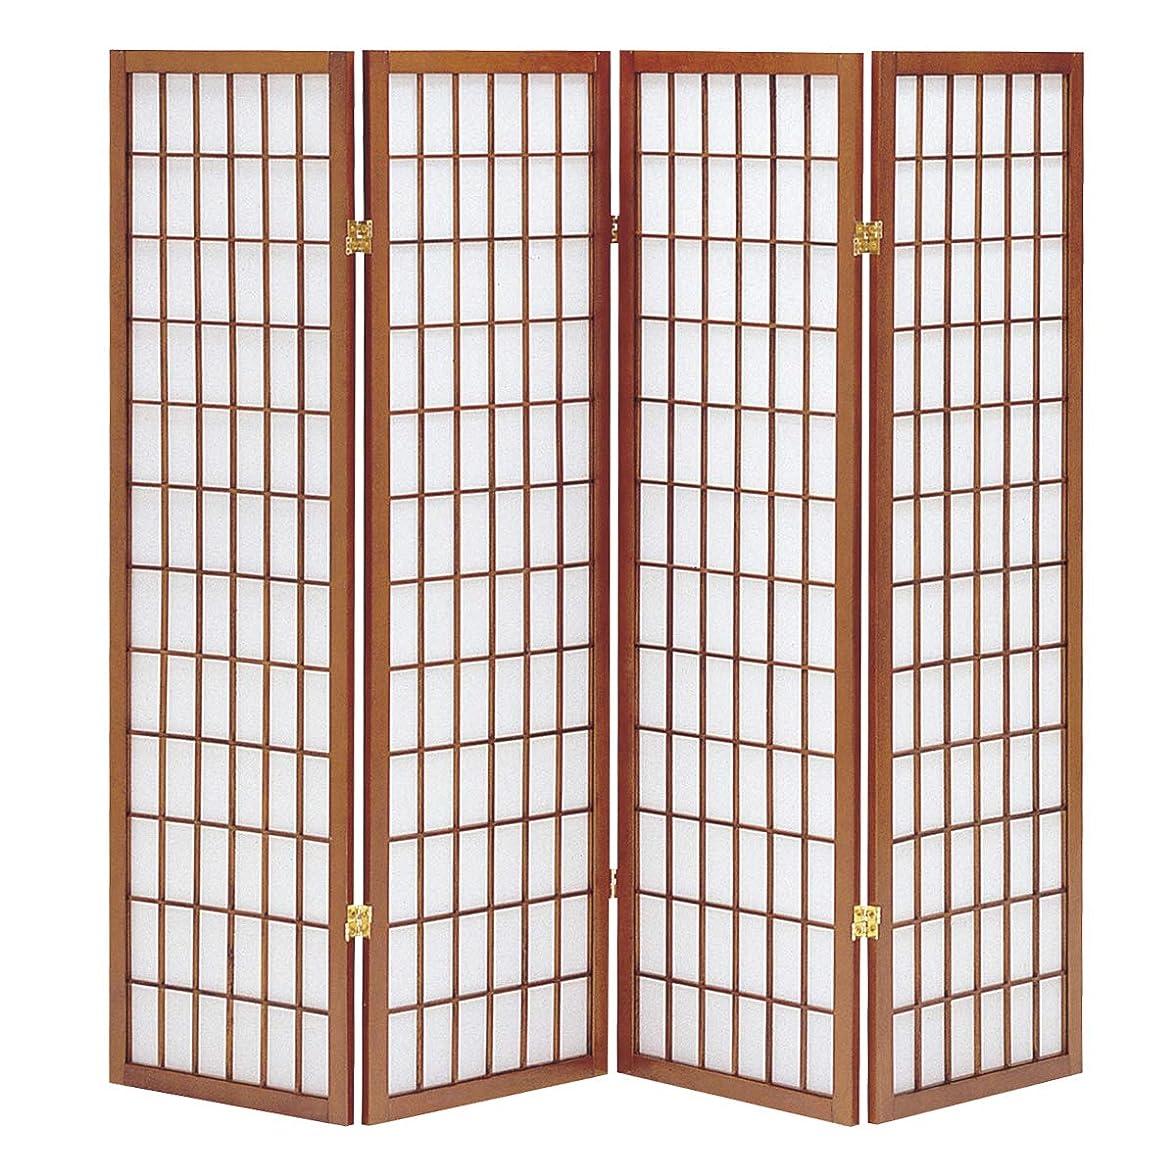 スクラップブックアーカイブちょっと待ってCtoC JAPAN Select パーテーション ブラウン 幅45cm×奥行2cm×高さ150cm X 4枚